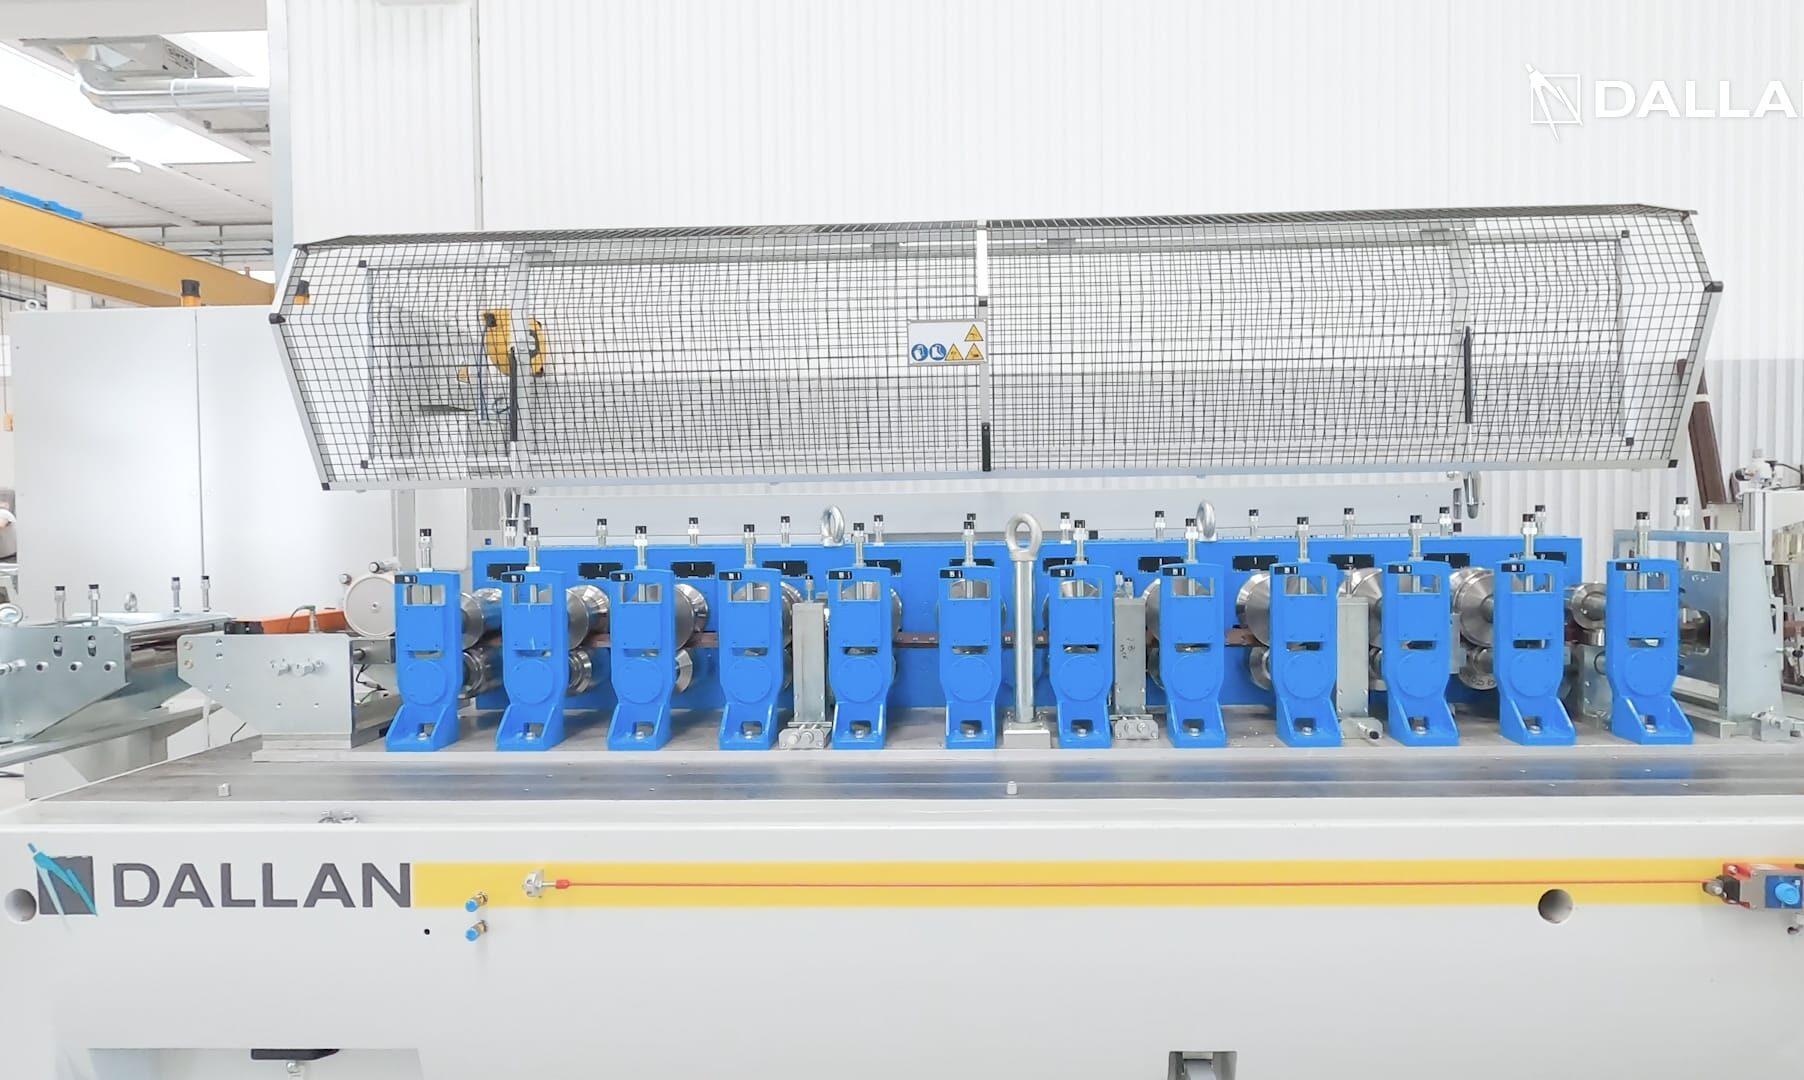 Dallan T4 precision roll forming machine